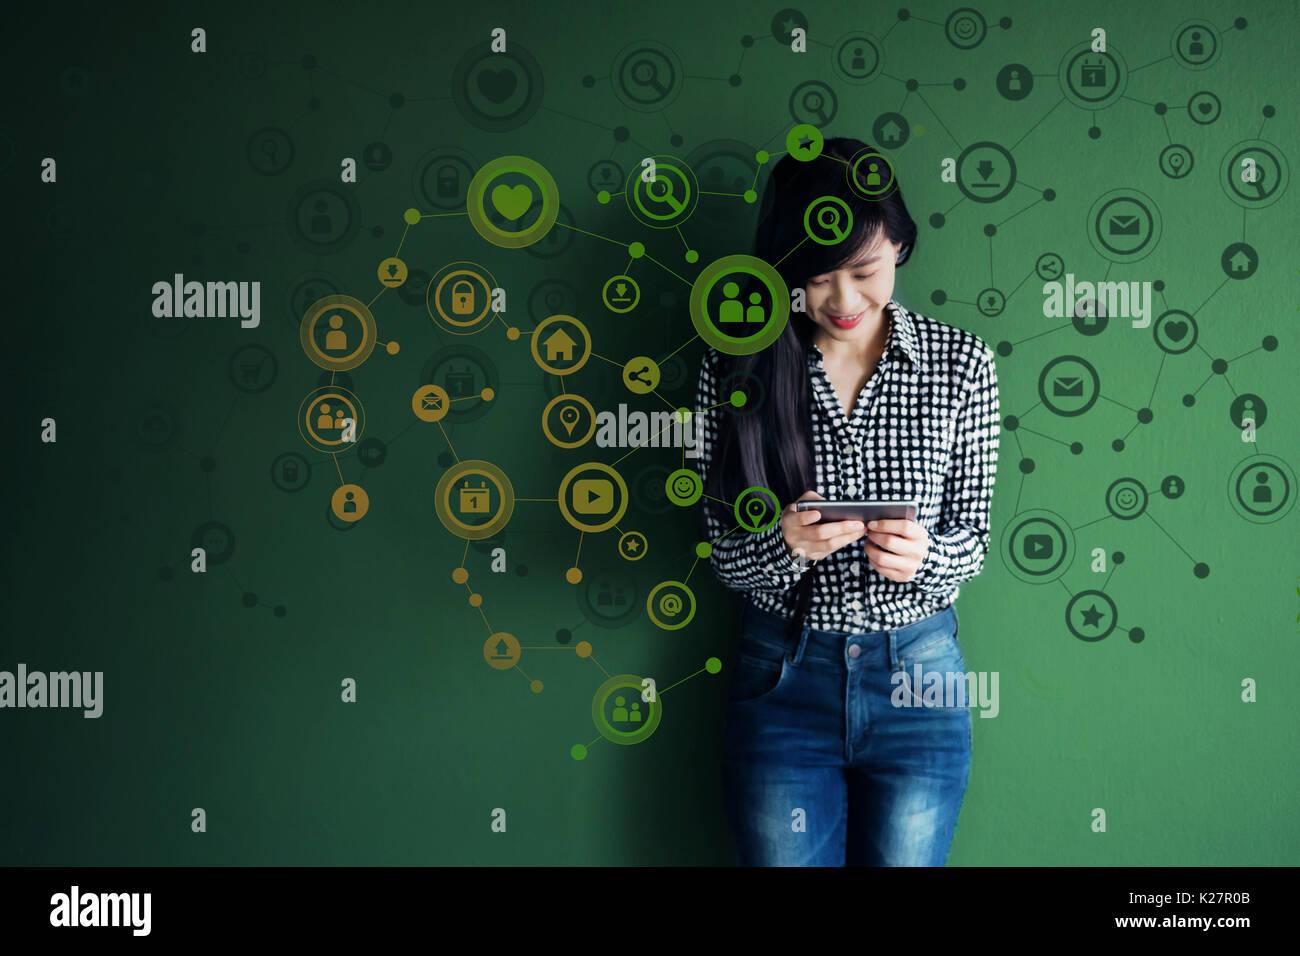 La tecnologia di comunicazione sulla vita quotidiana tramite Smart Phone concetto, social media o sistema di rete presente su Soft focus di Felice Smiley face donna stan Immagini Stock